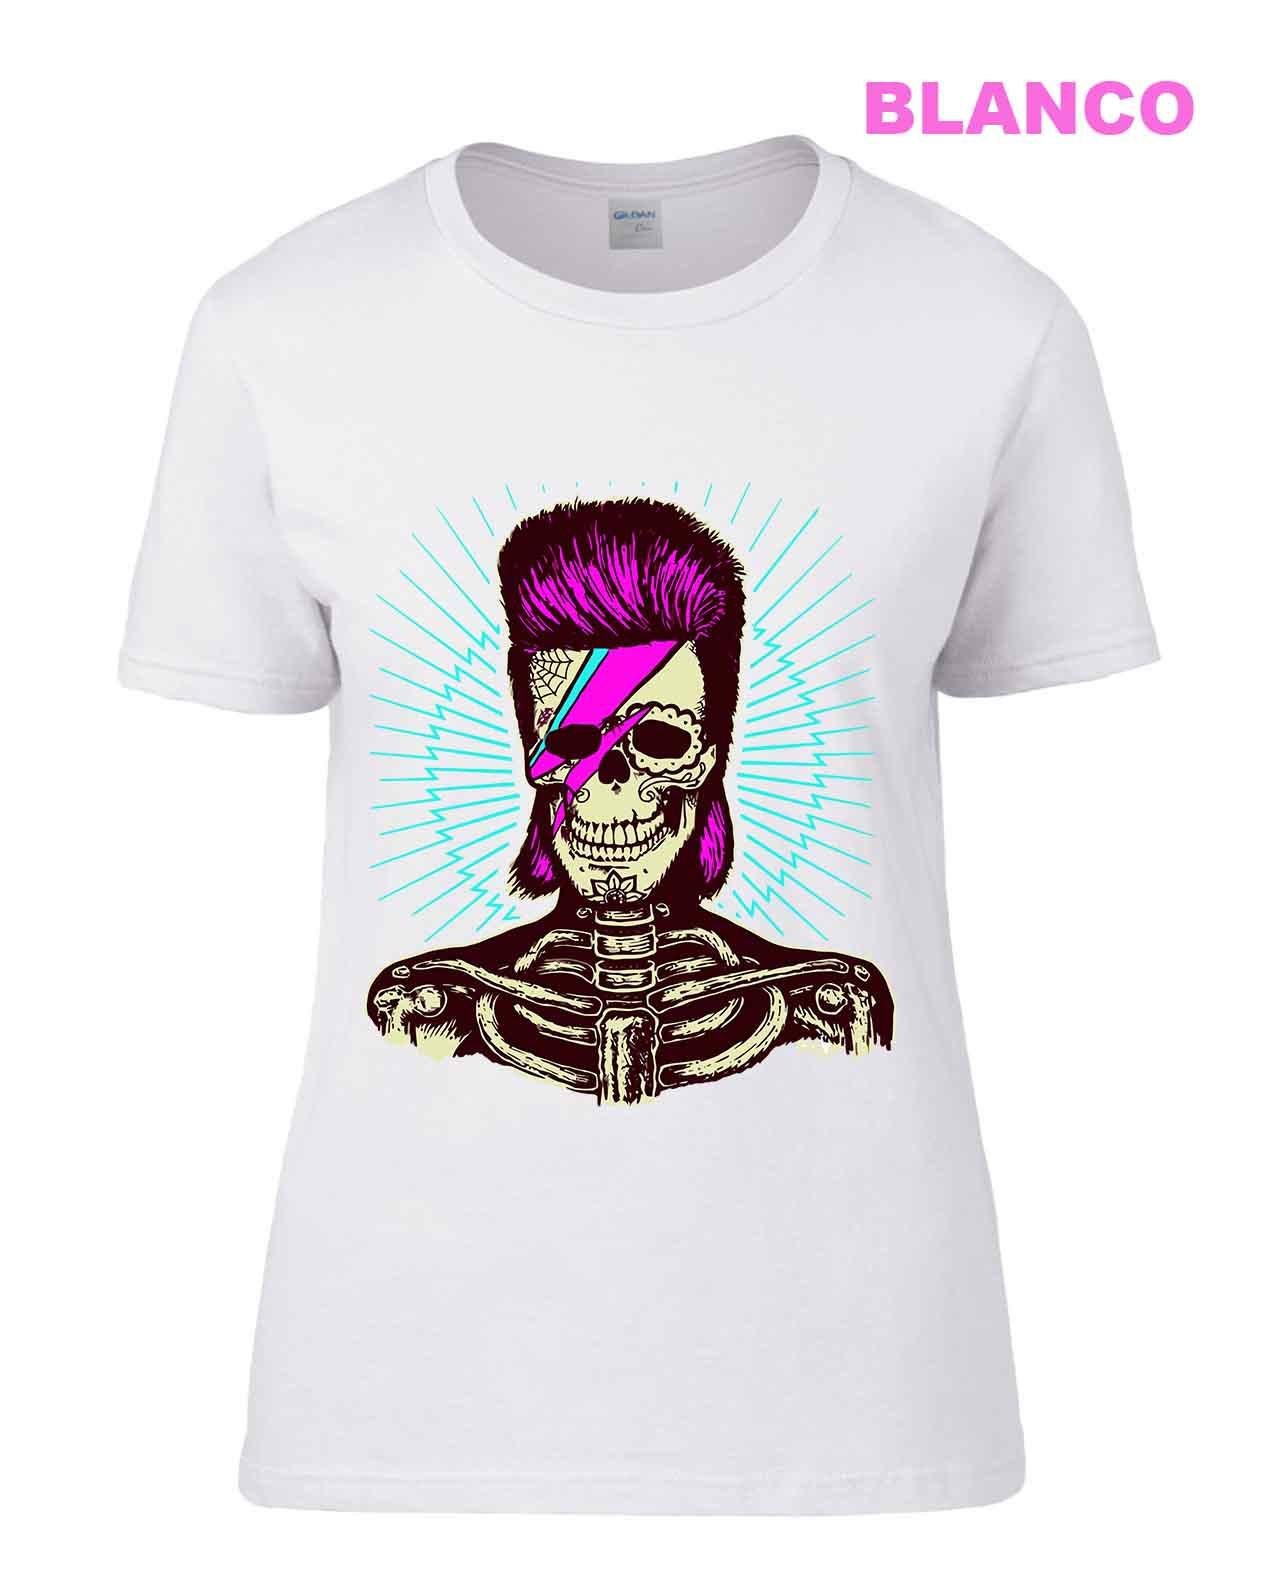 David Bowie - X Ray